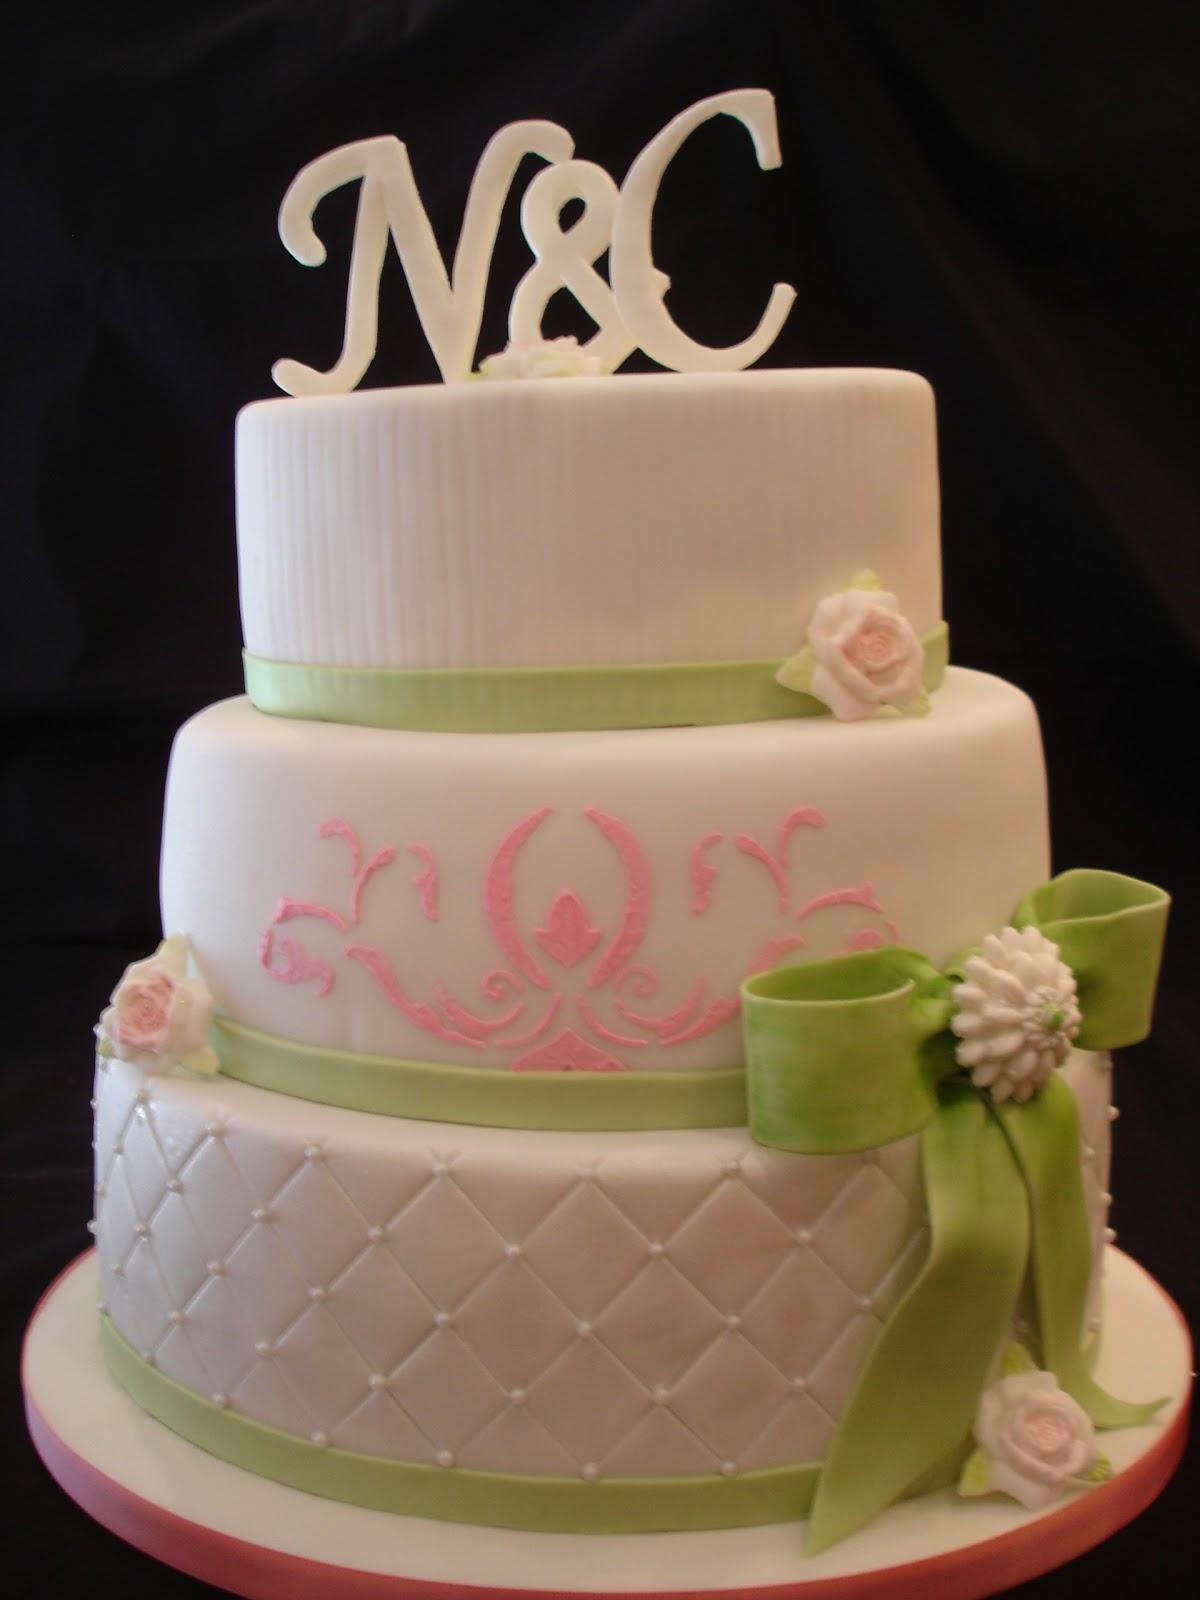 Brigittes Tortendesign: Hochzeitstorte in pink-grün-weiß mit ...